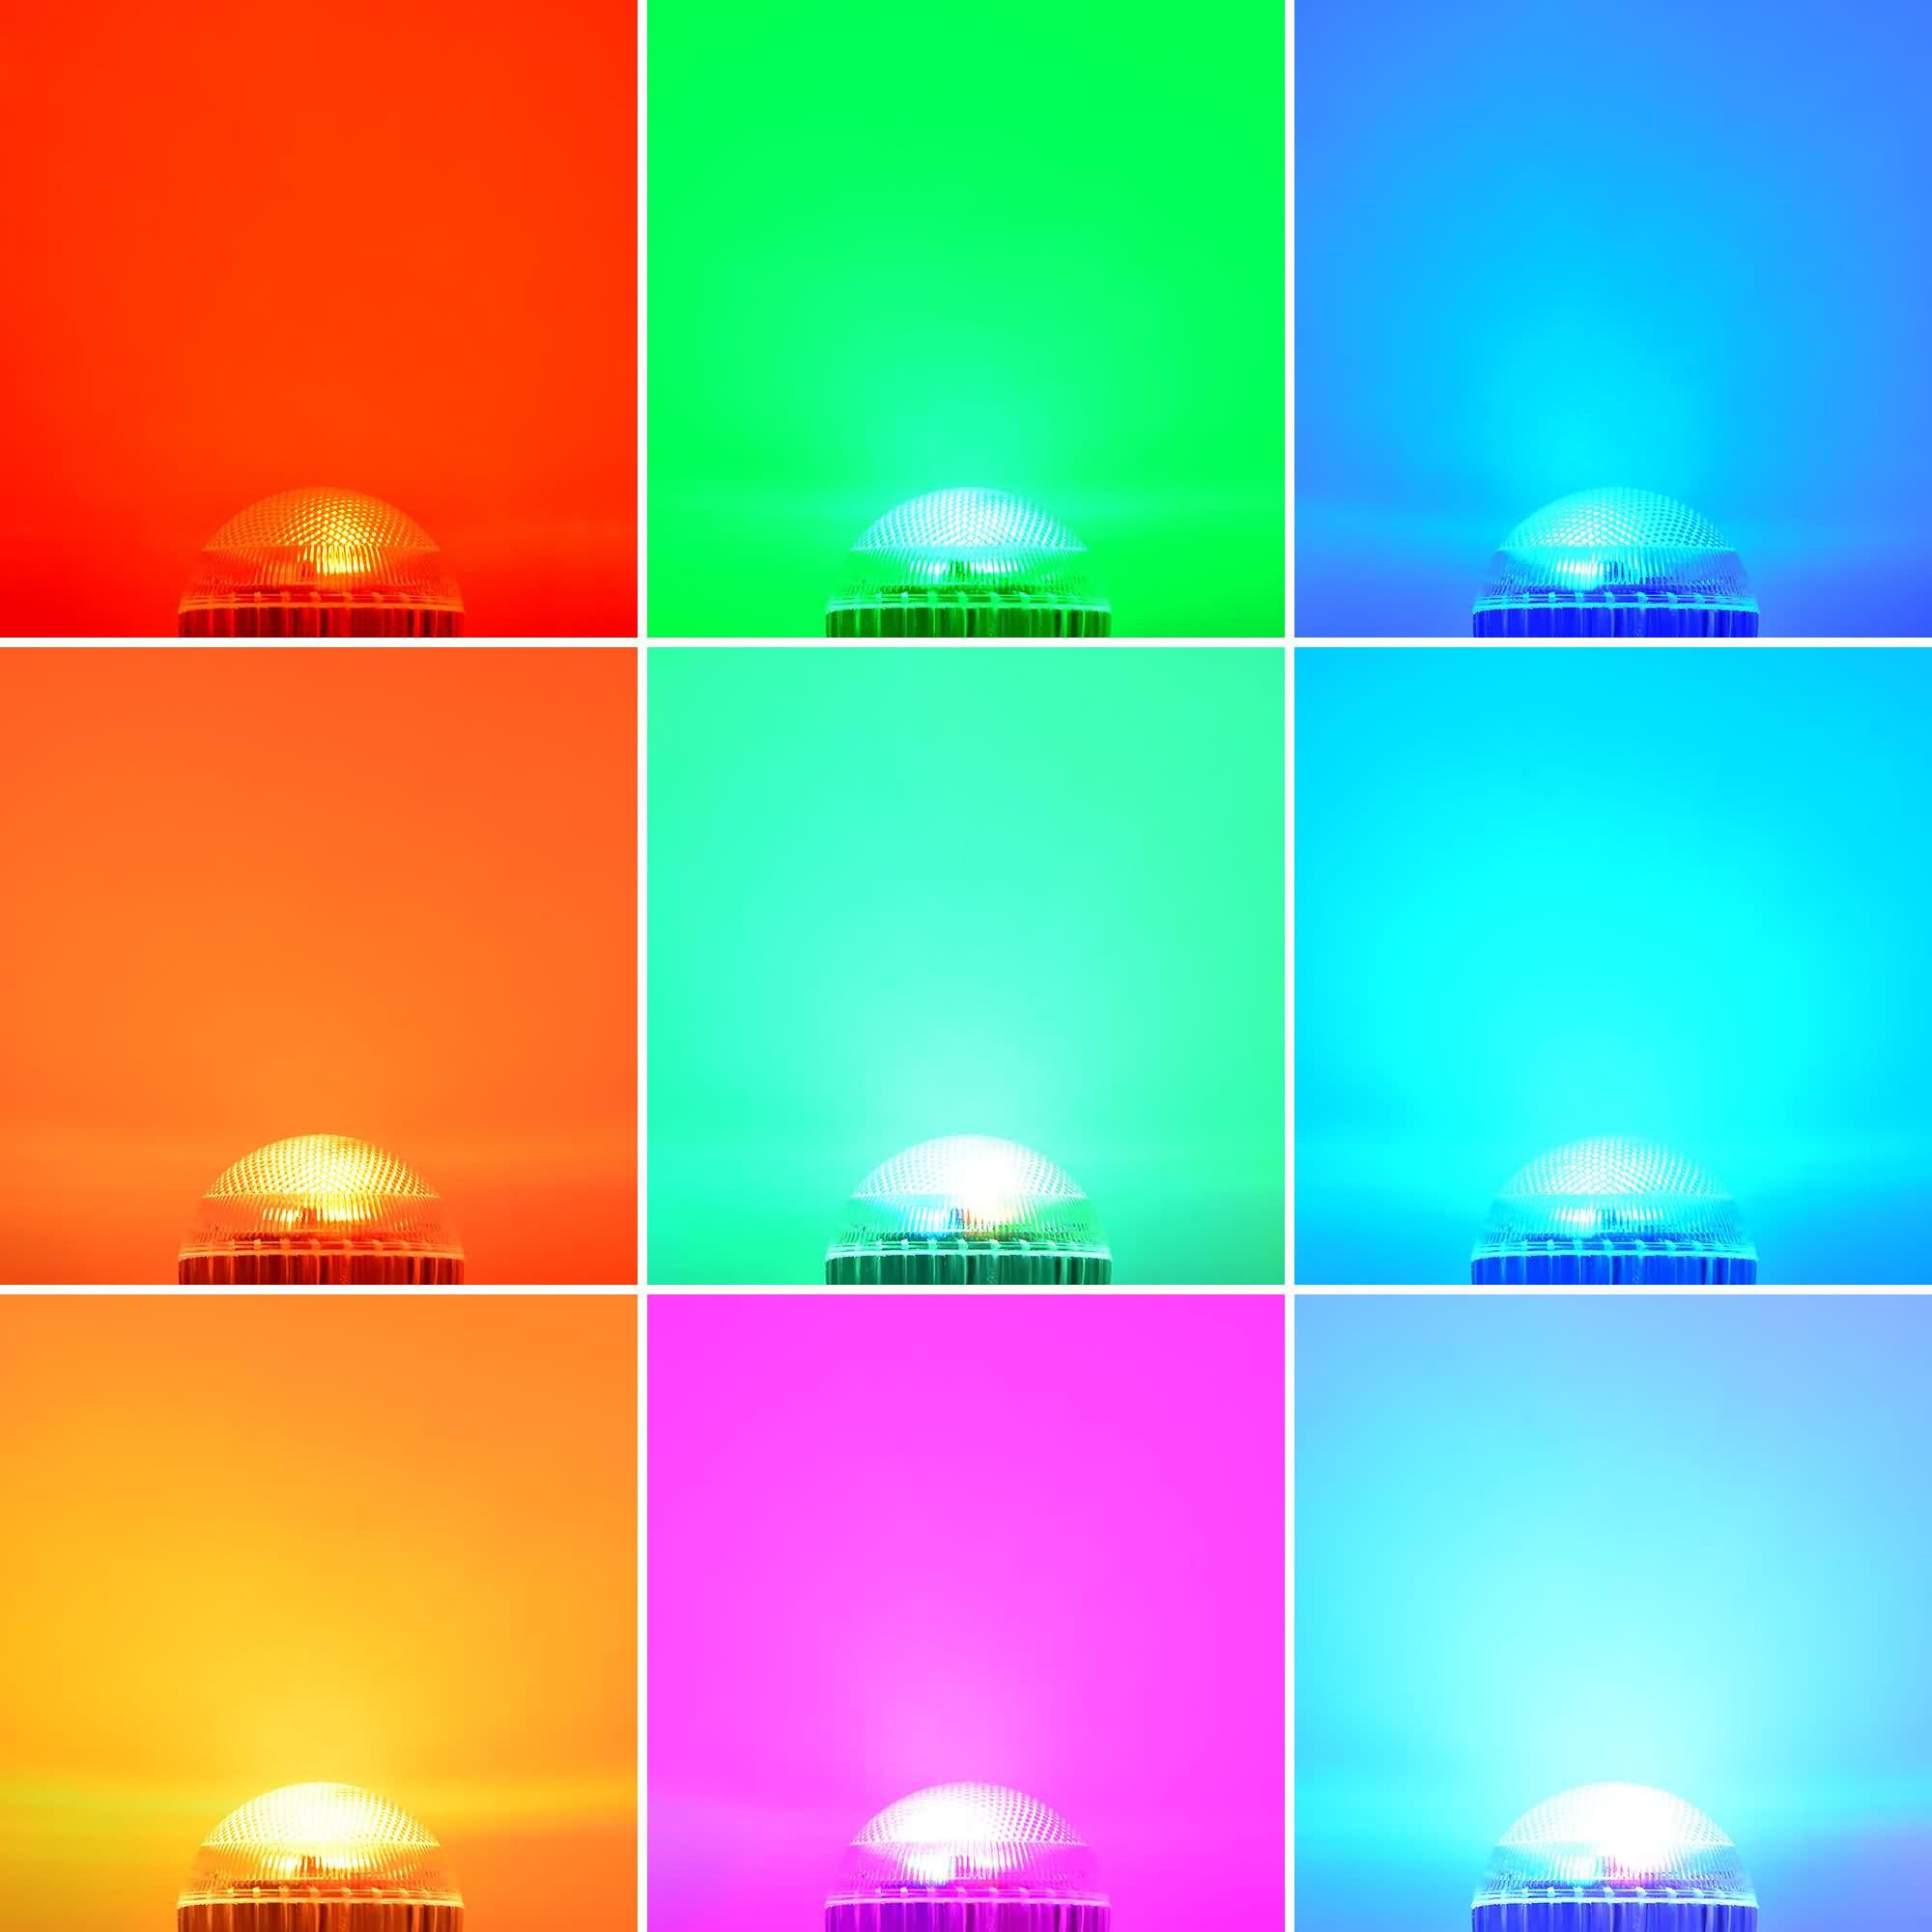 Gu10 8w Led Rgb Light 16 Colour Changing Smd Leds Led